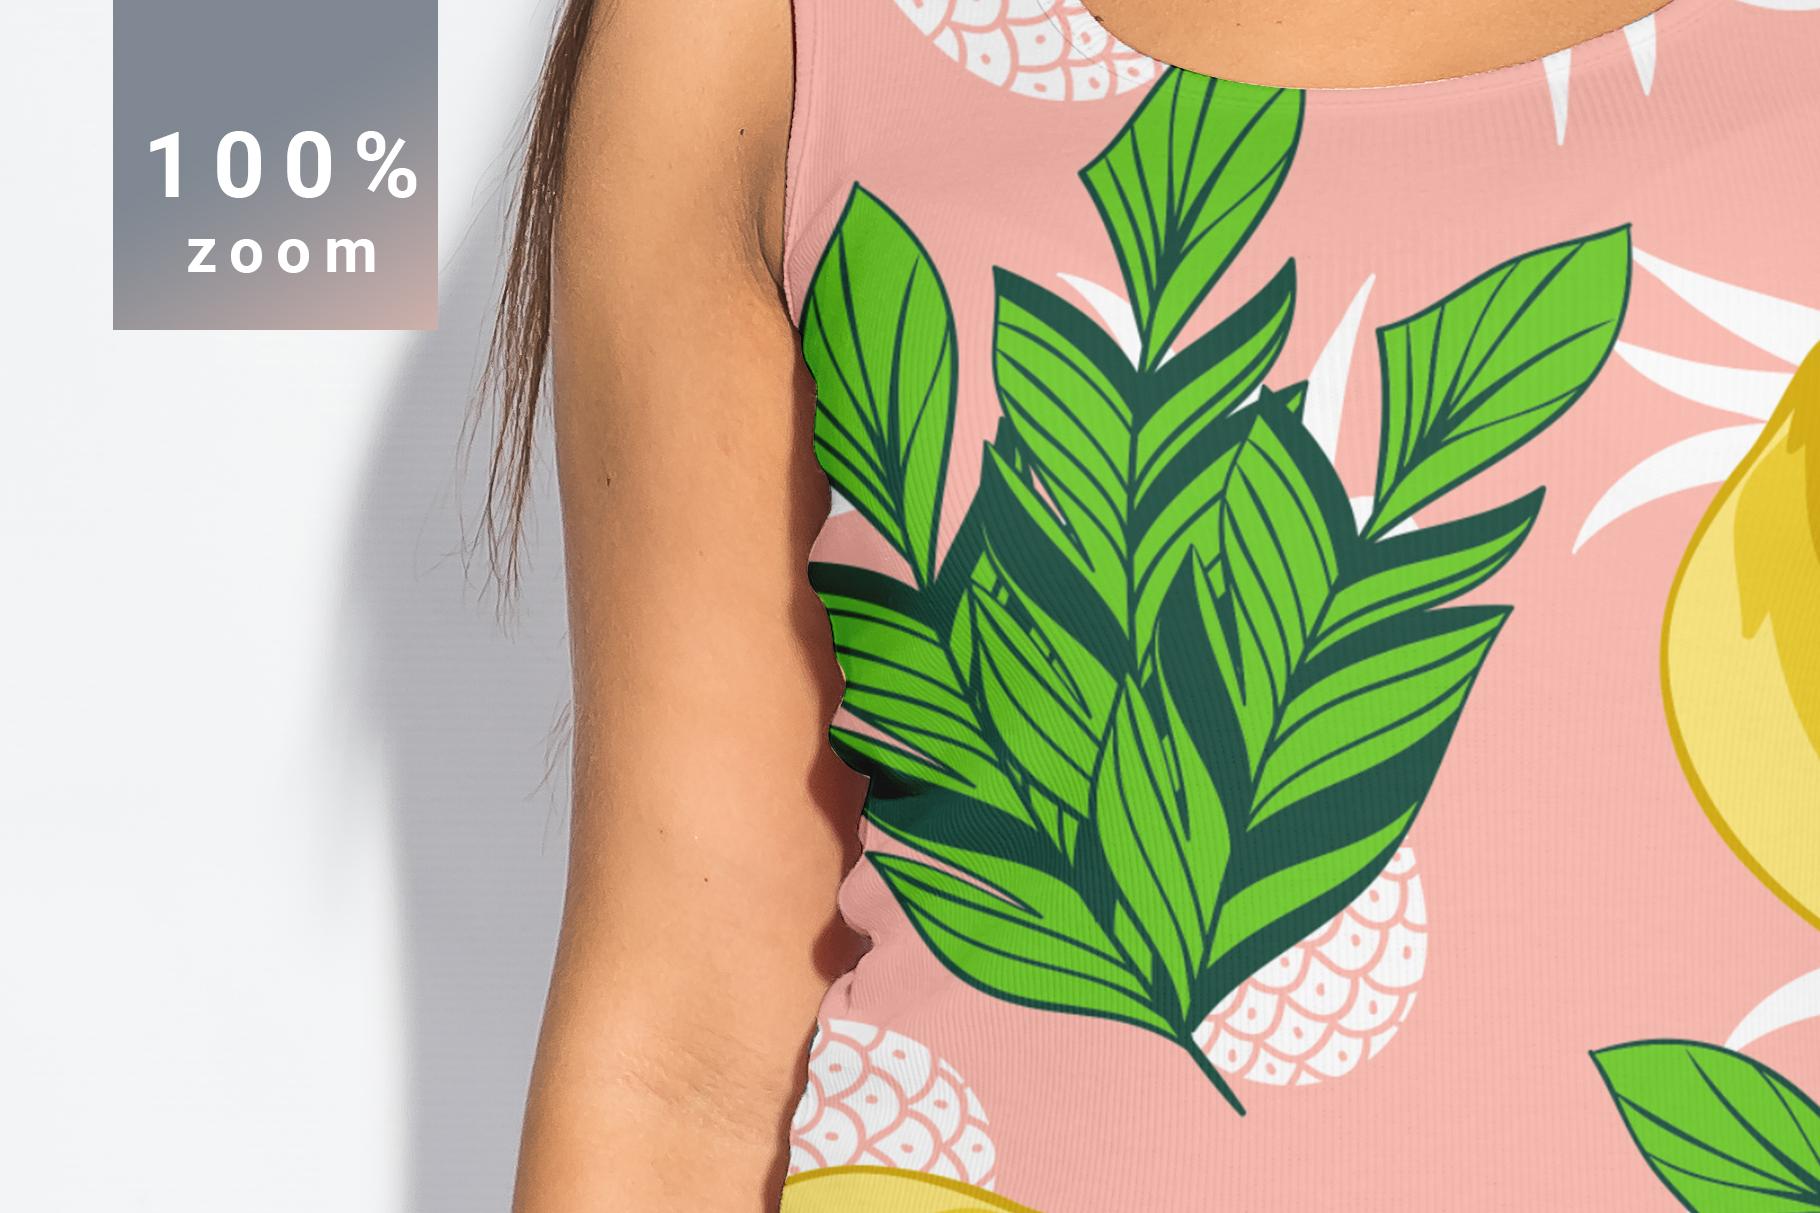 Plus Size T-shirt Mockup Bundle example image 7